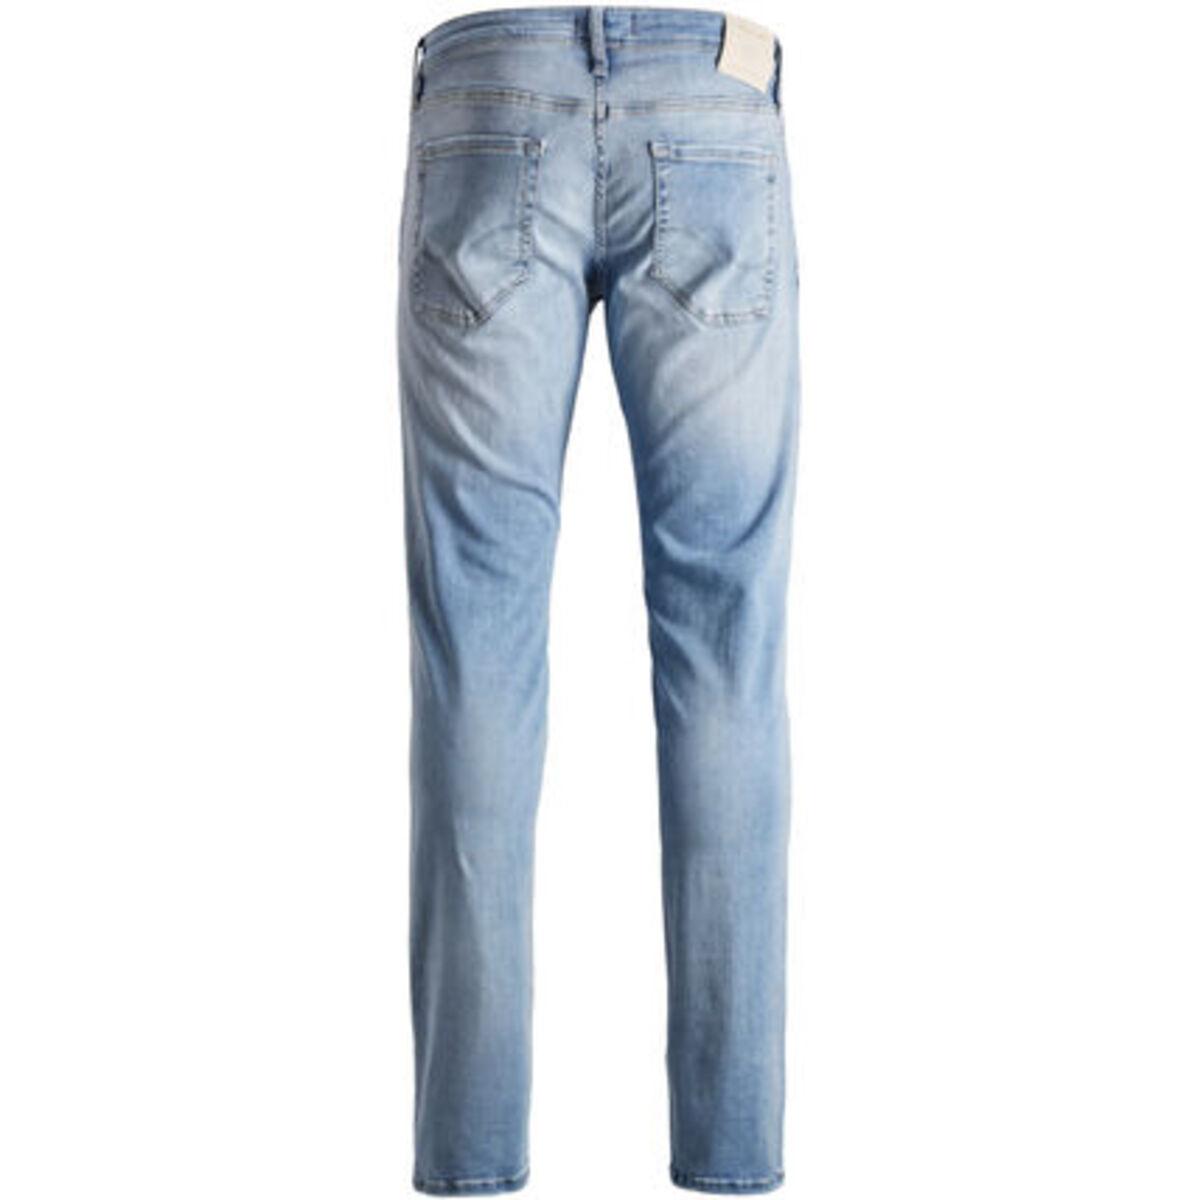 Bild 2 von Jack & Jones Glenn Original Jeans, Slim Fit, Tapered, Low Rise, Waschung, für Herren